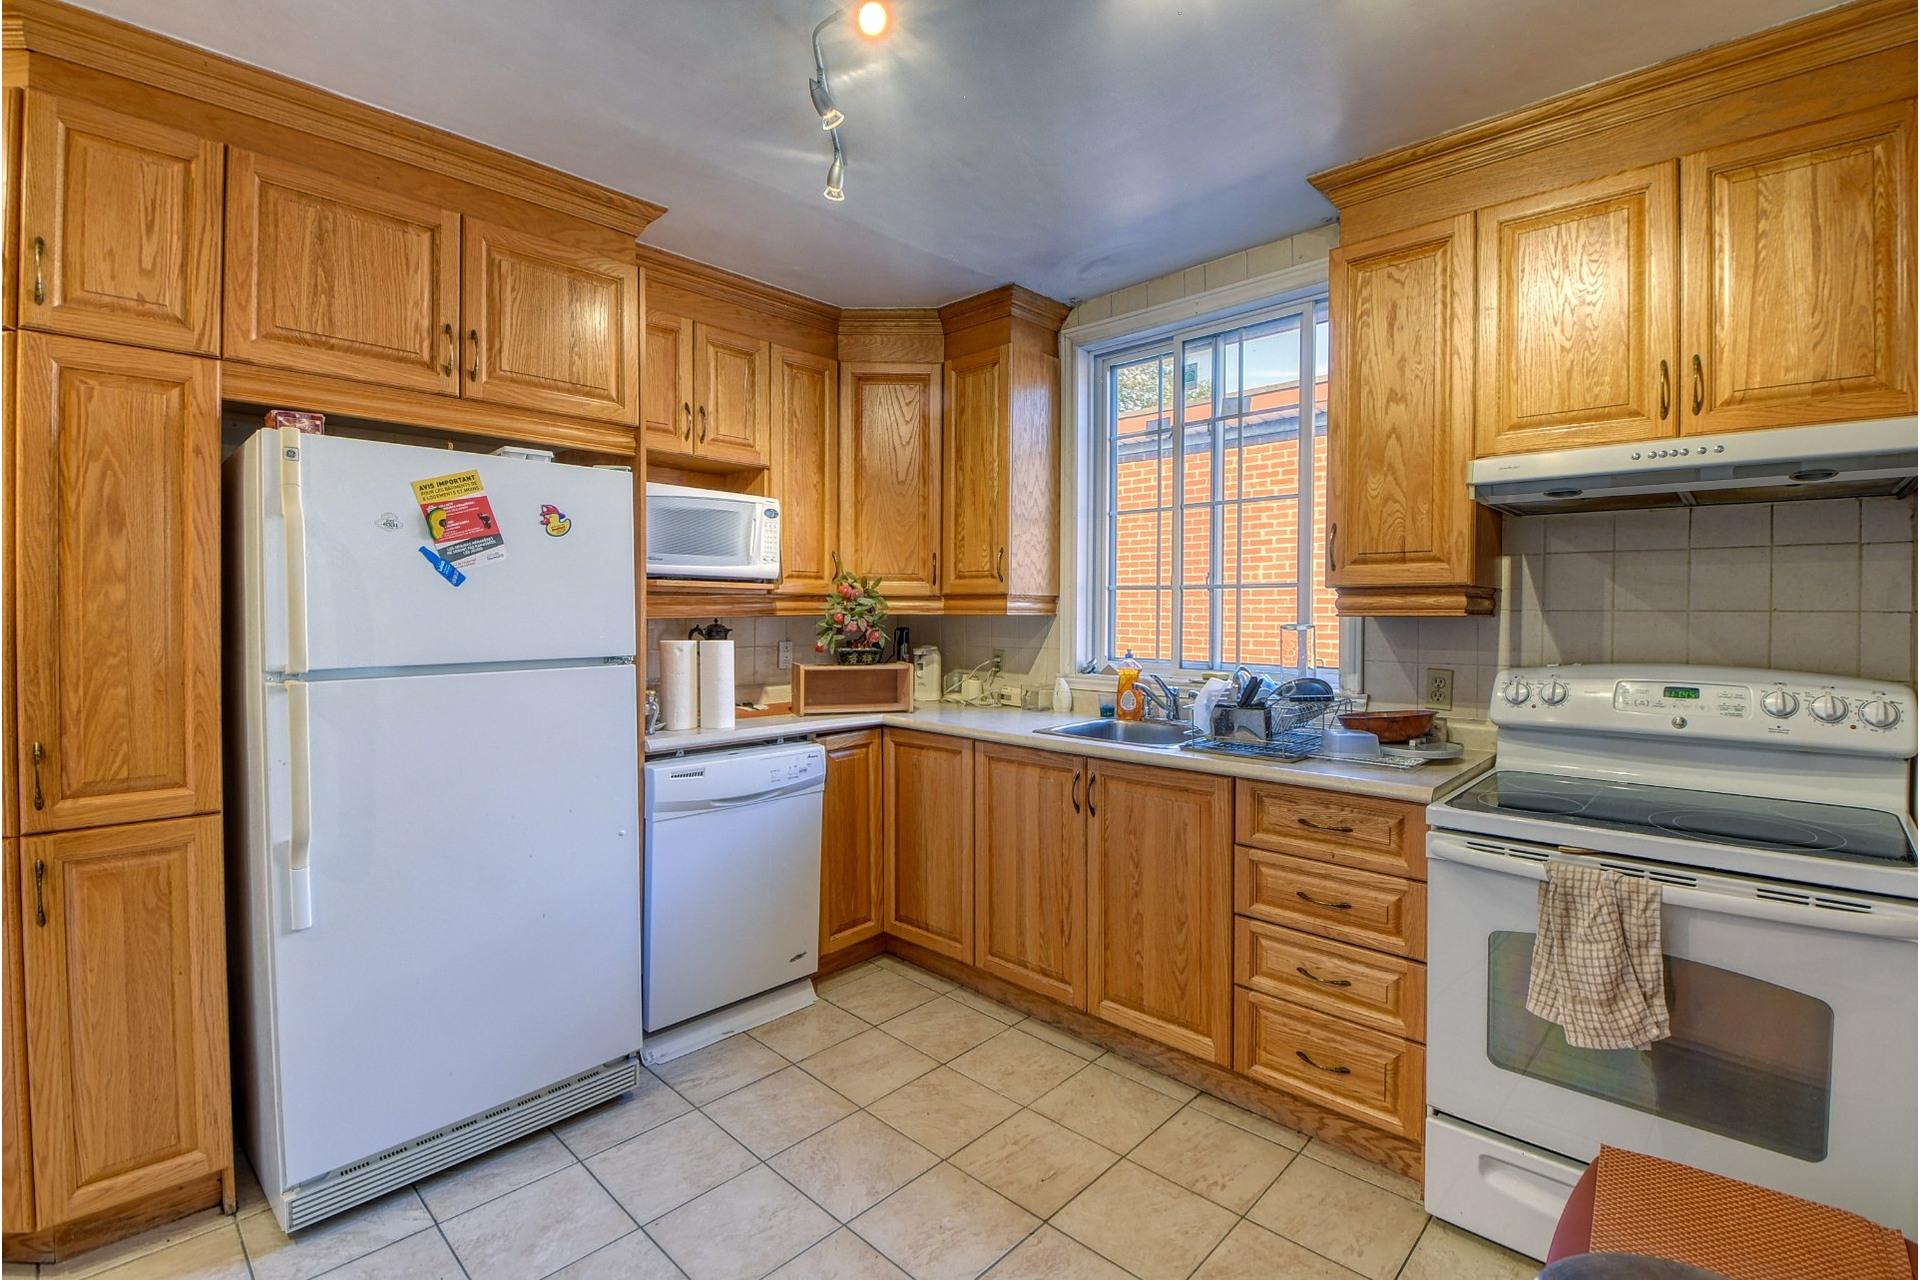 image 5 - Apartment For rent Côte-des-Neiges/Notre-Dame-de-Grâce Montréal  - 6 rooms